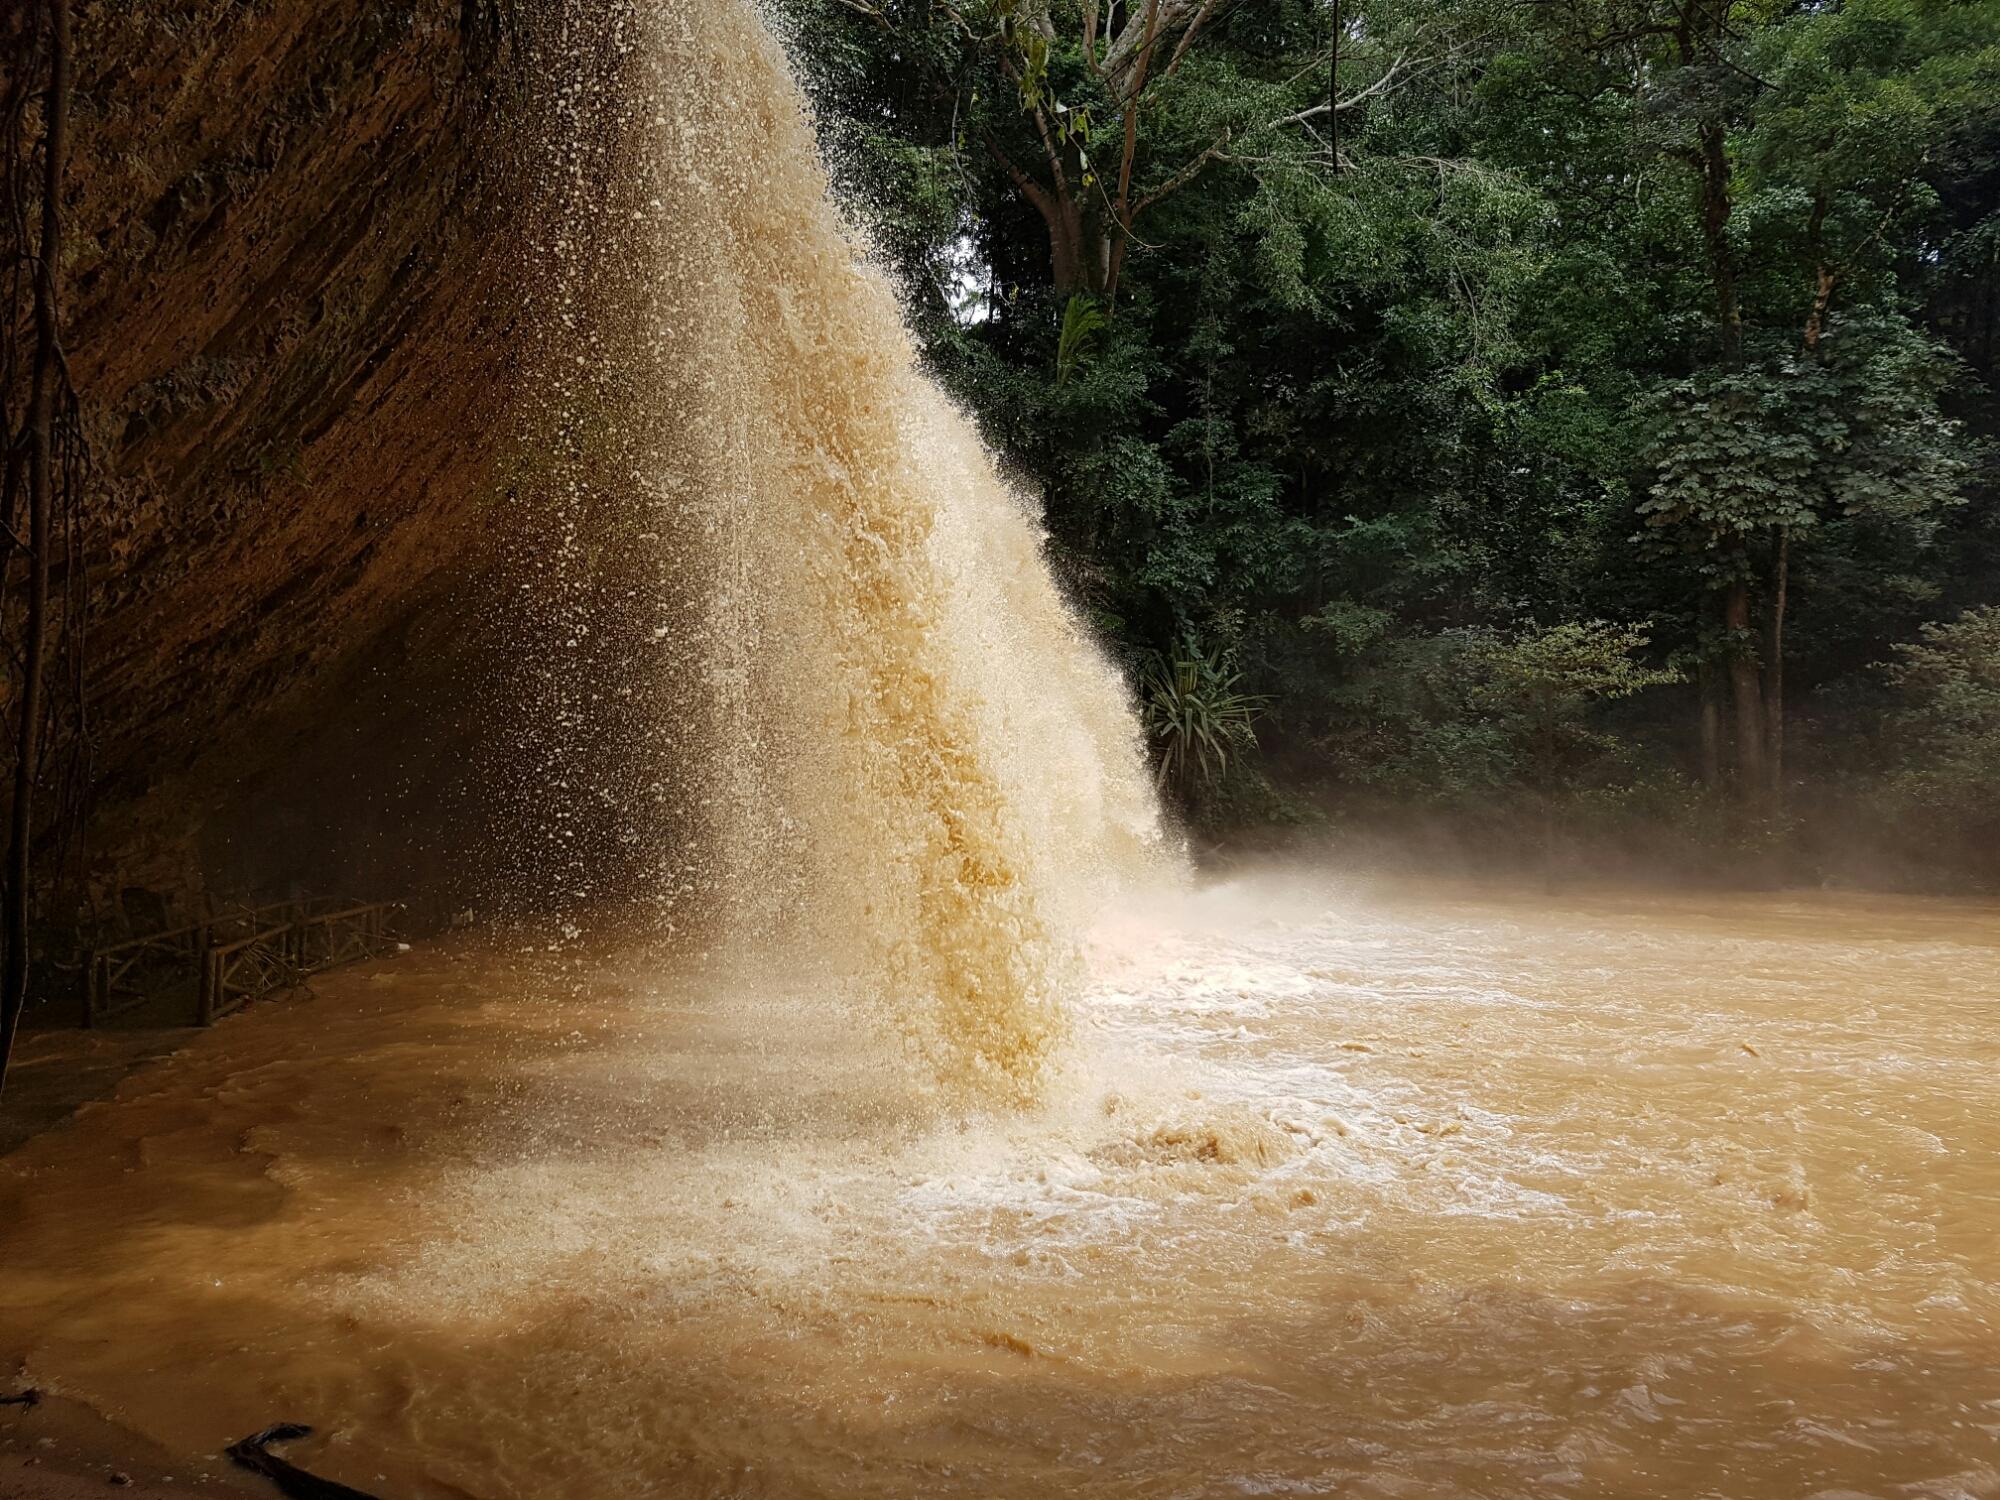 Wasser, überall Wasser